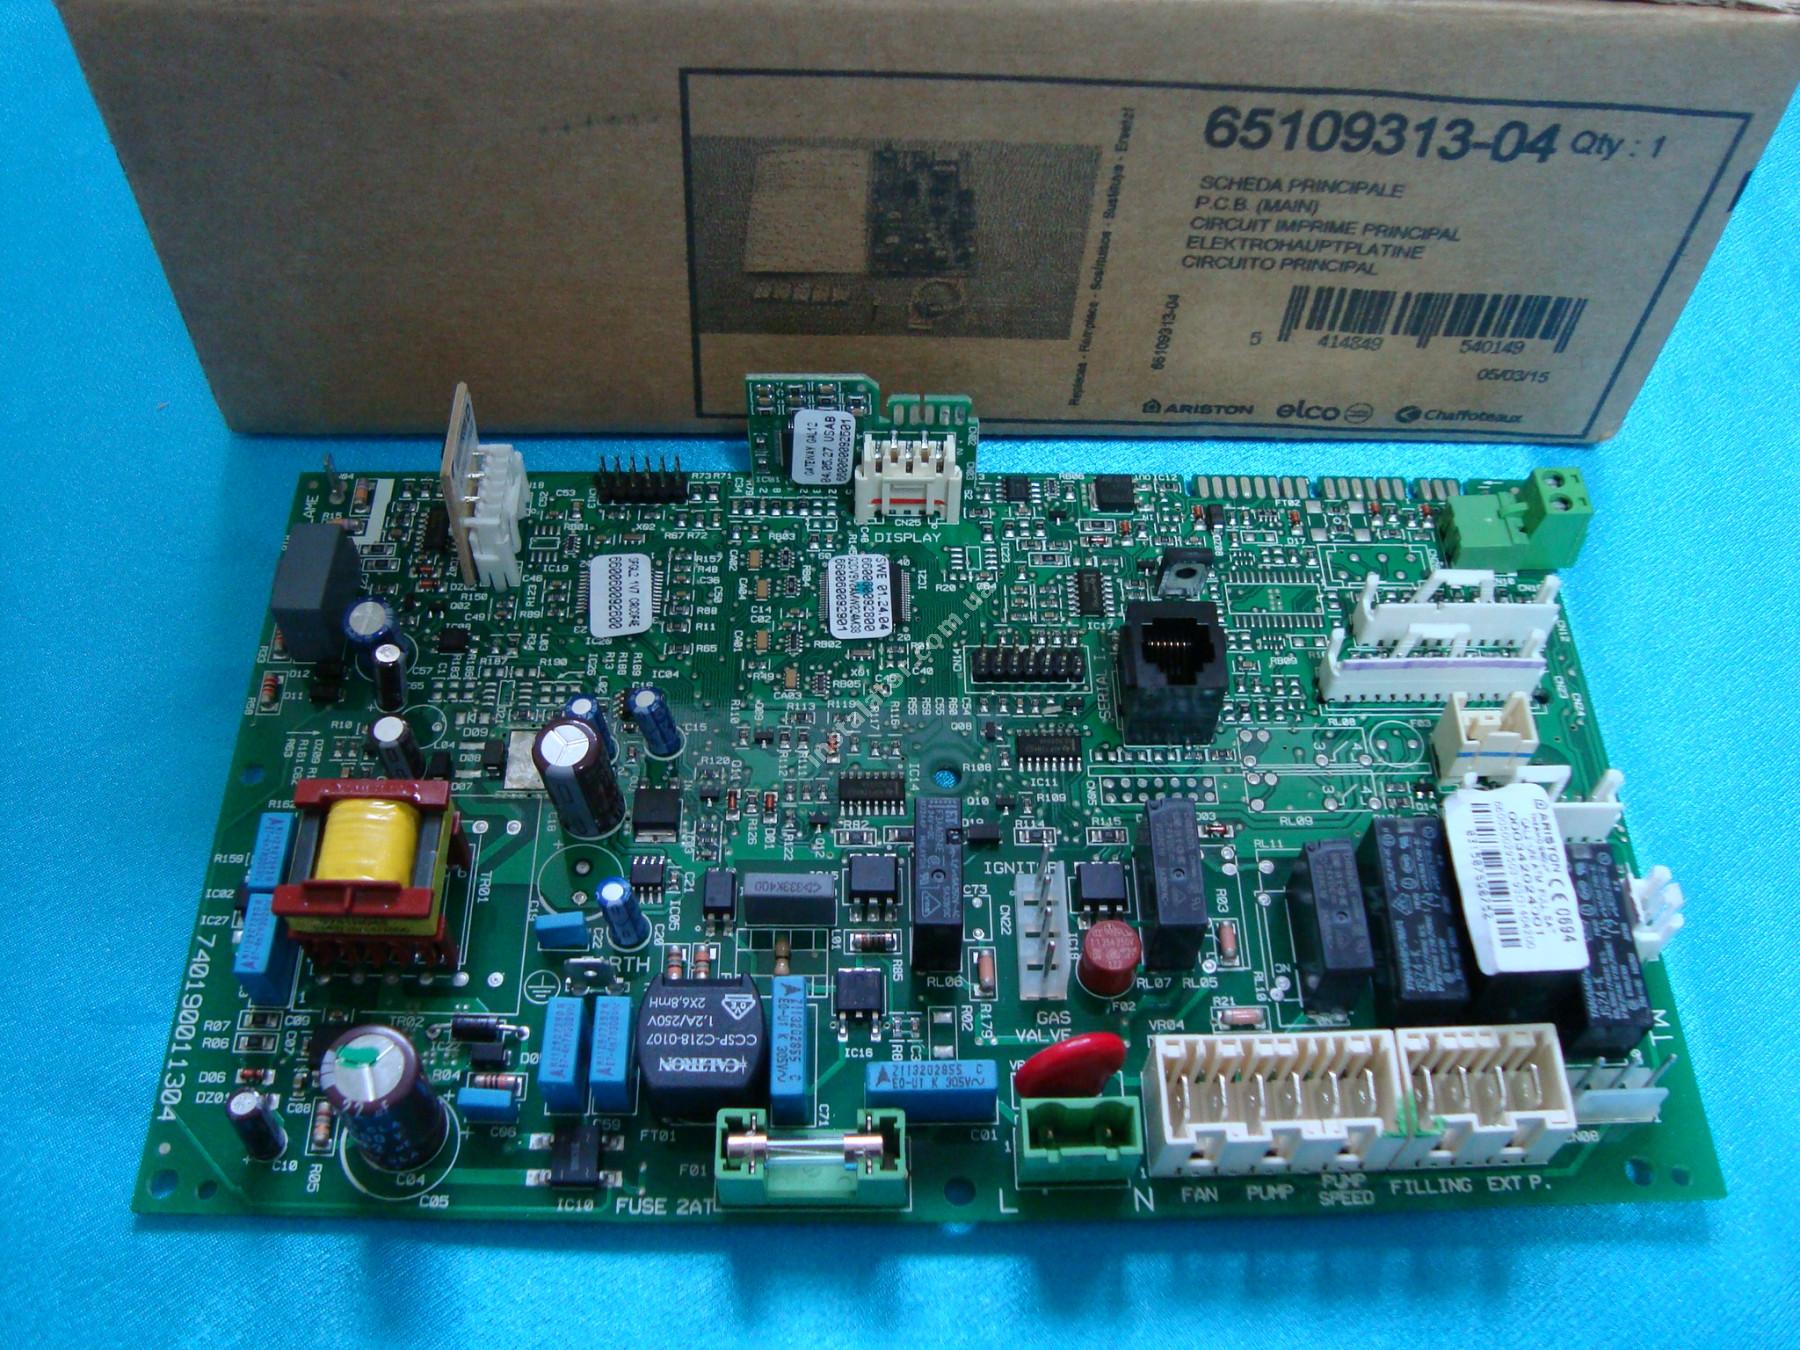 65109313-04 Плата керування універсальна ARISTON/CHAFFOTEAUX full-image-0